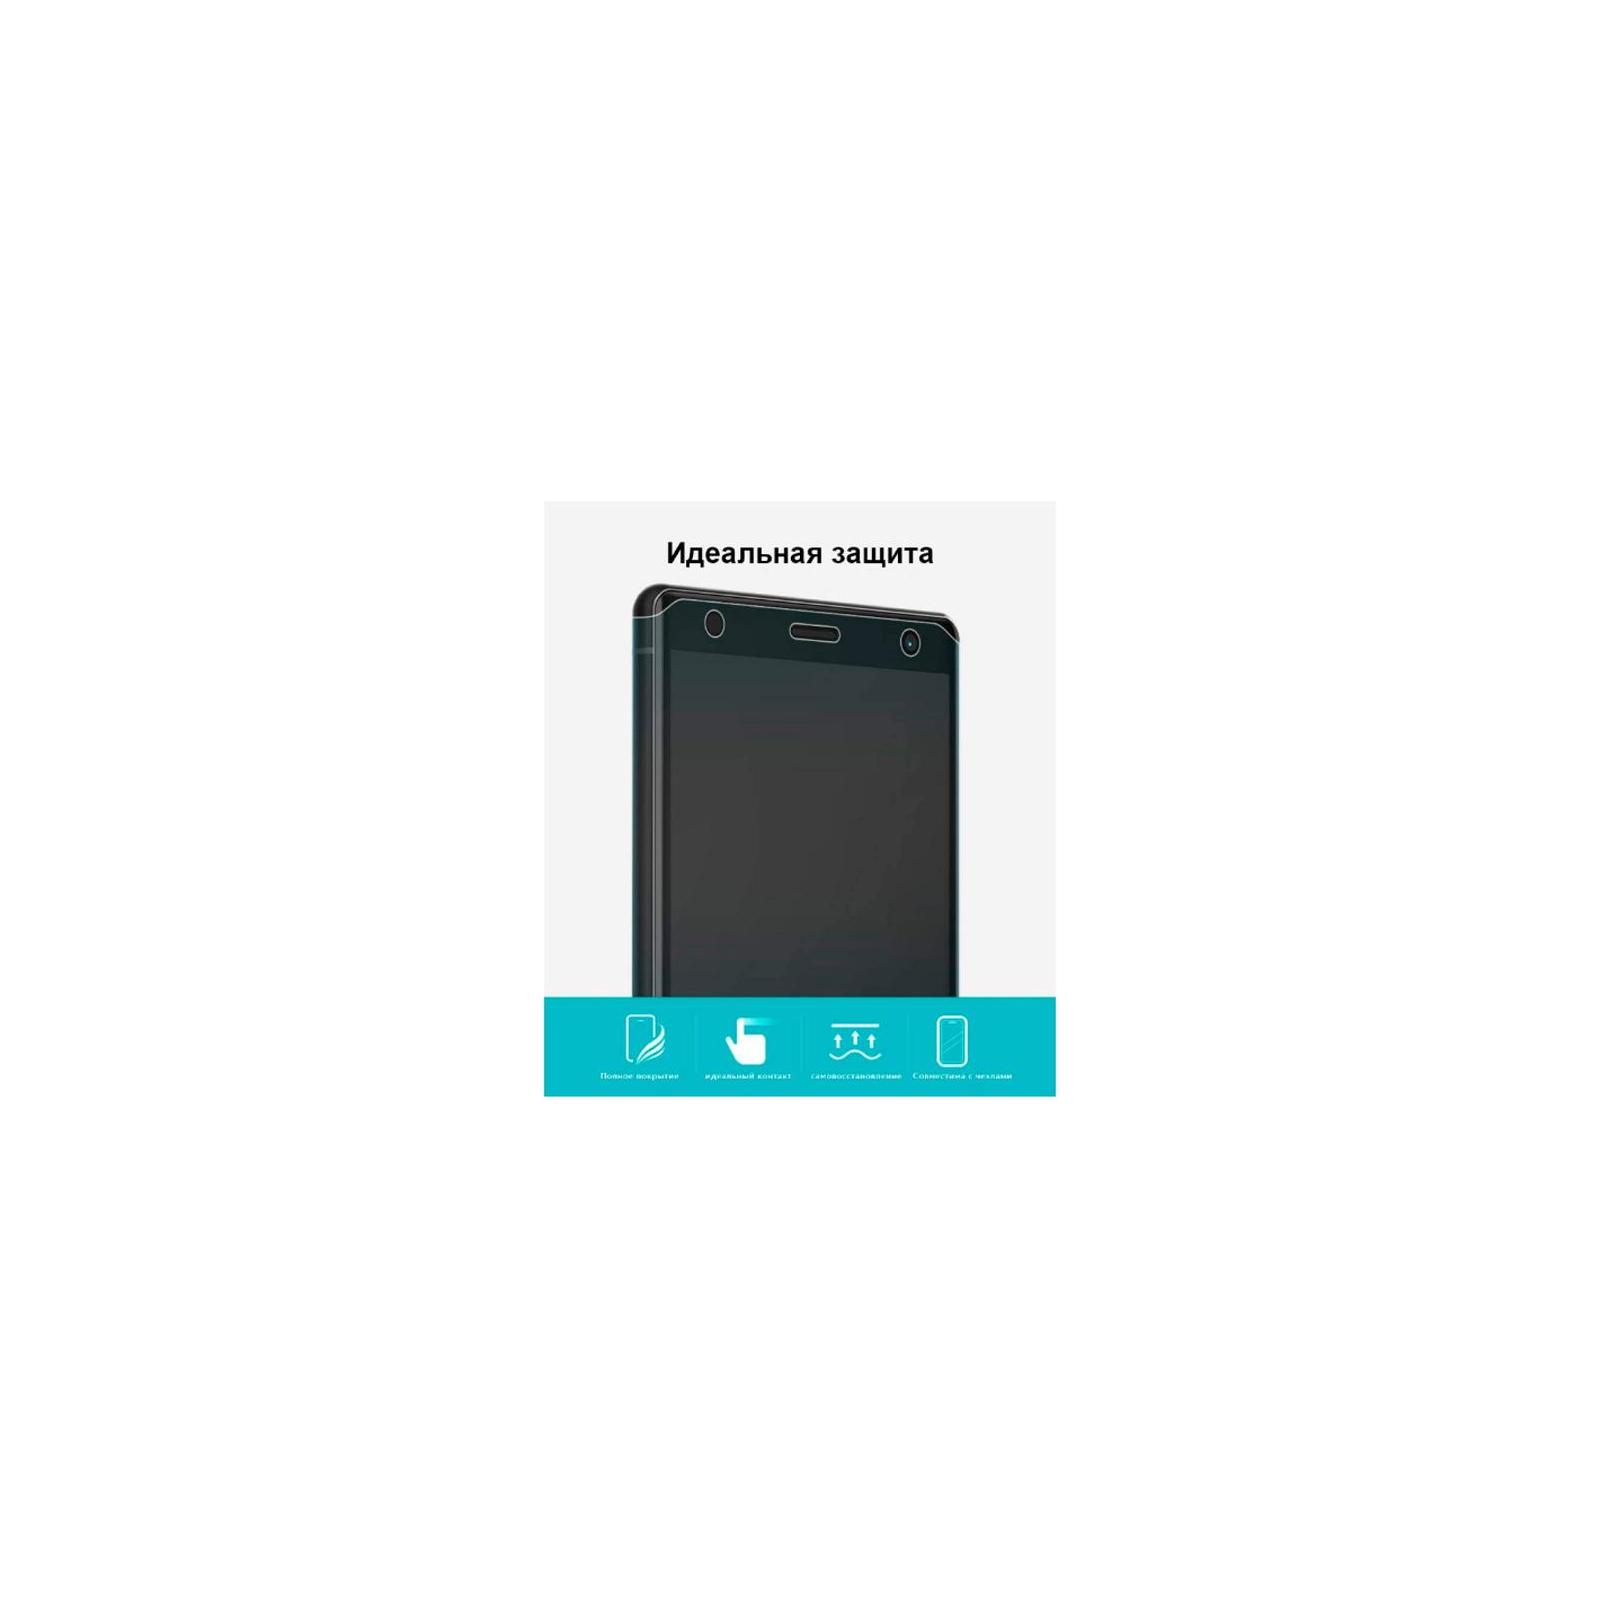 Пленка защитная Ringke для телефона Sony Xperia XZ2 Full Cover (RSP4455) изображение 2